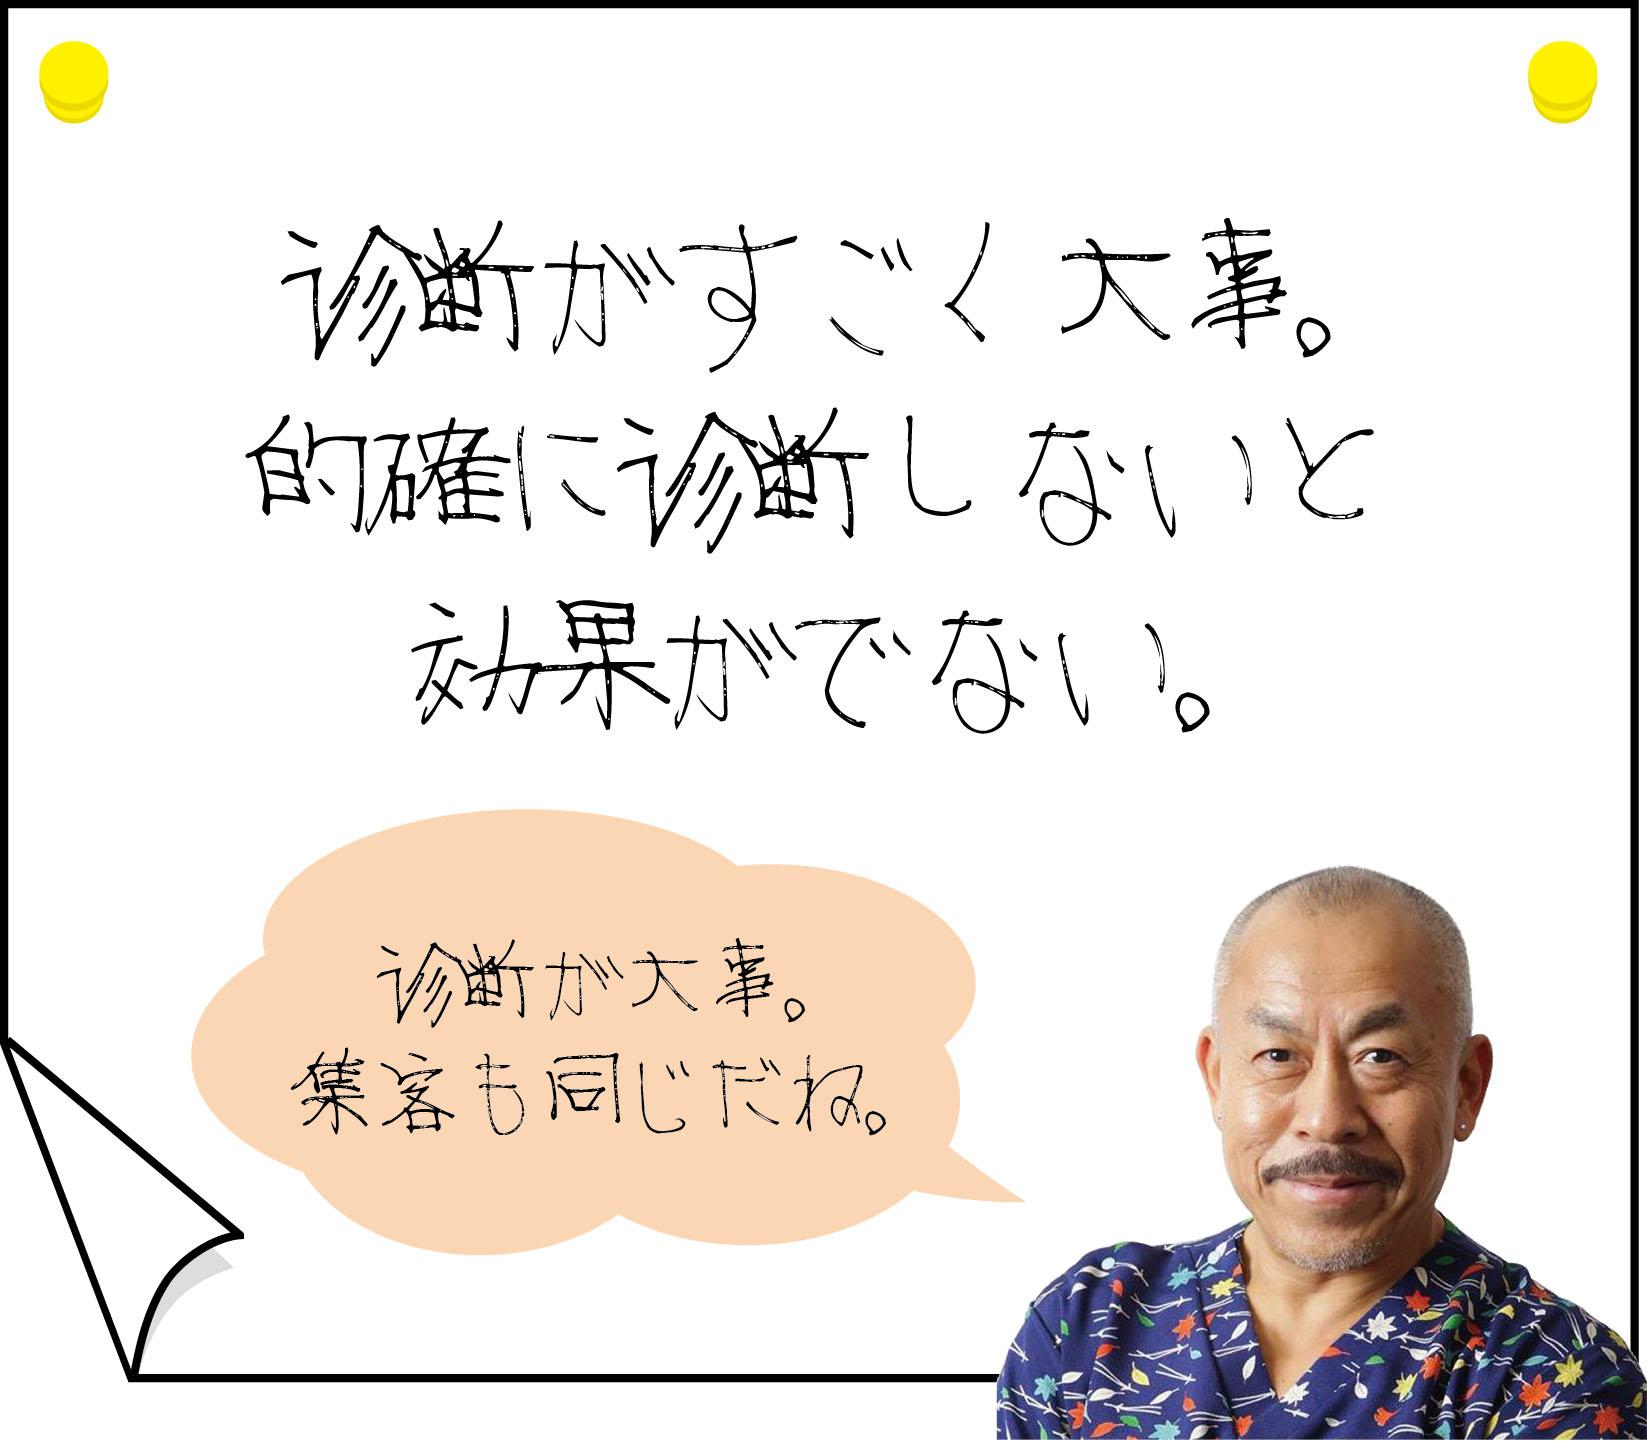 YNSA藤沢操体鍼療所にはどんな患者さんが来るか?②